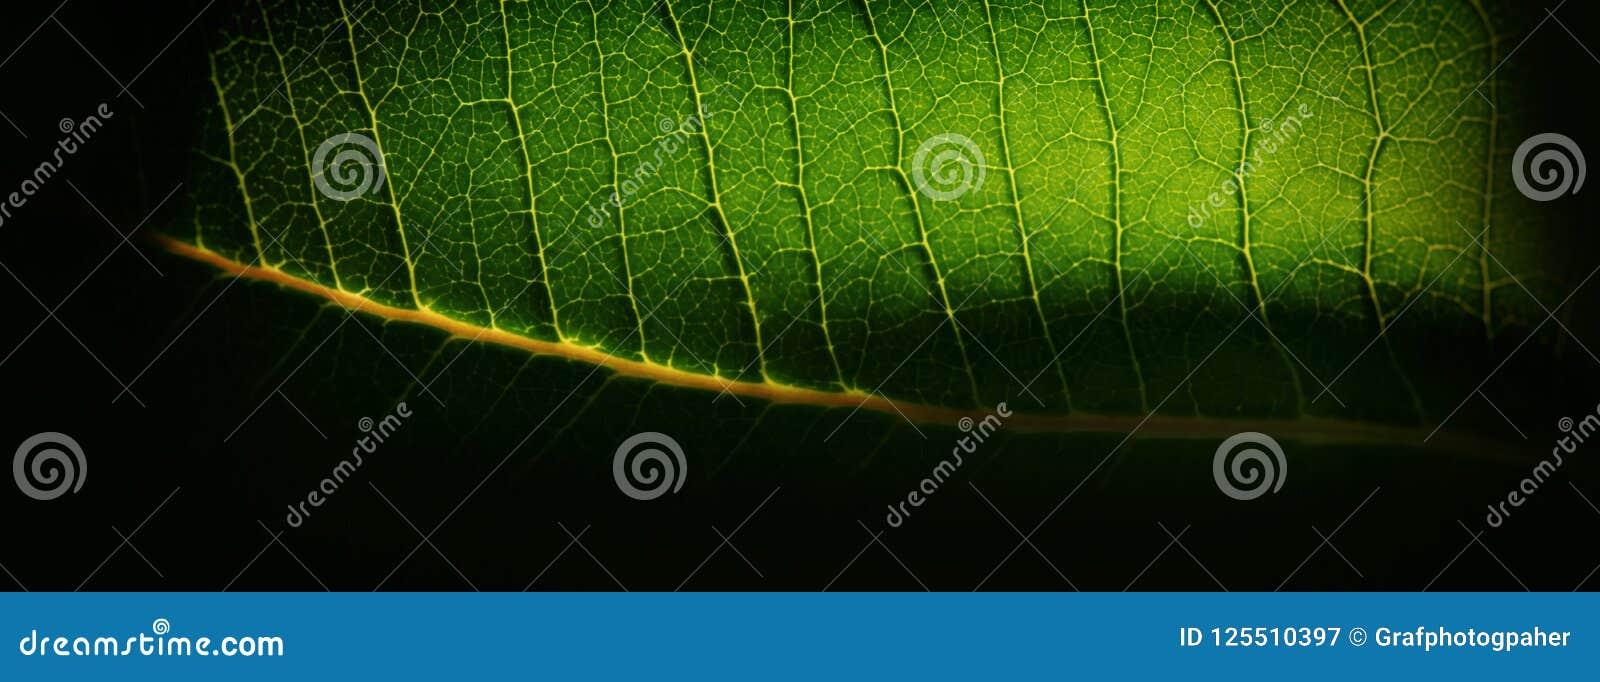 Fundo borrado, folha da planta verde e capilares amarelos web